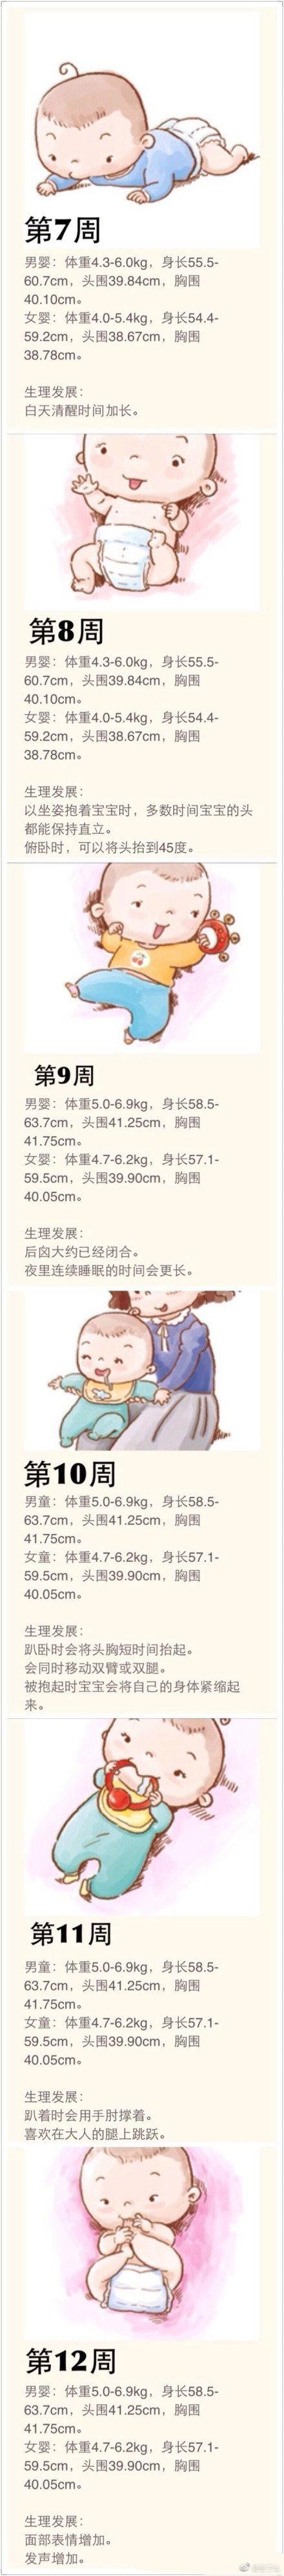 後 減る 生理 体重